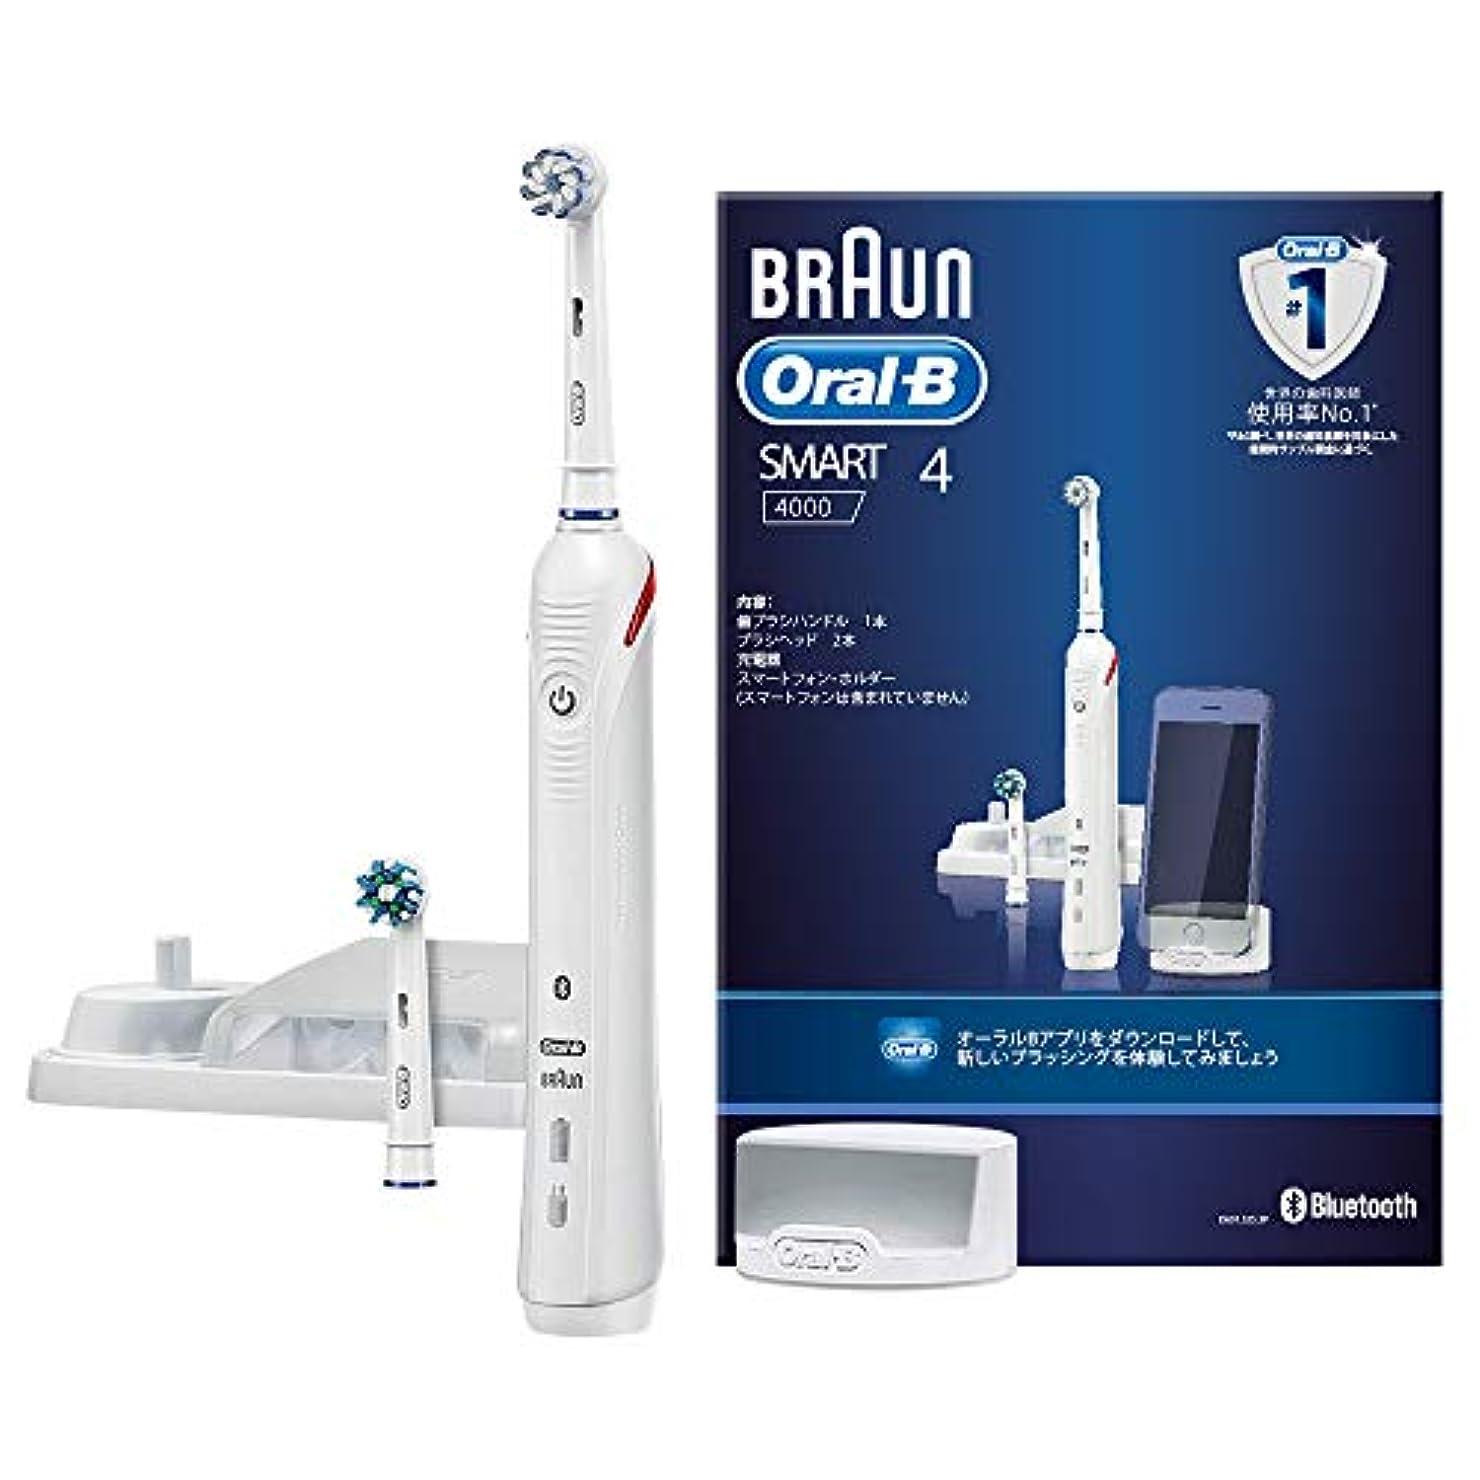 暫定のラテンペインブラウン オーラルB 電動歯ブラシ スマート4000 D6015253P